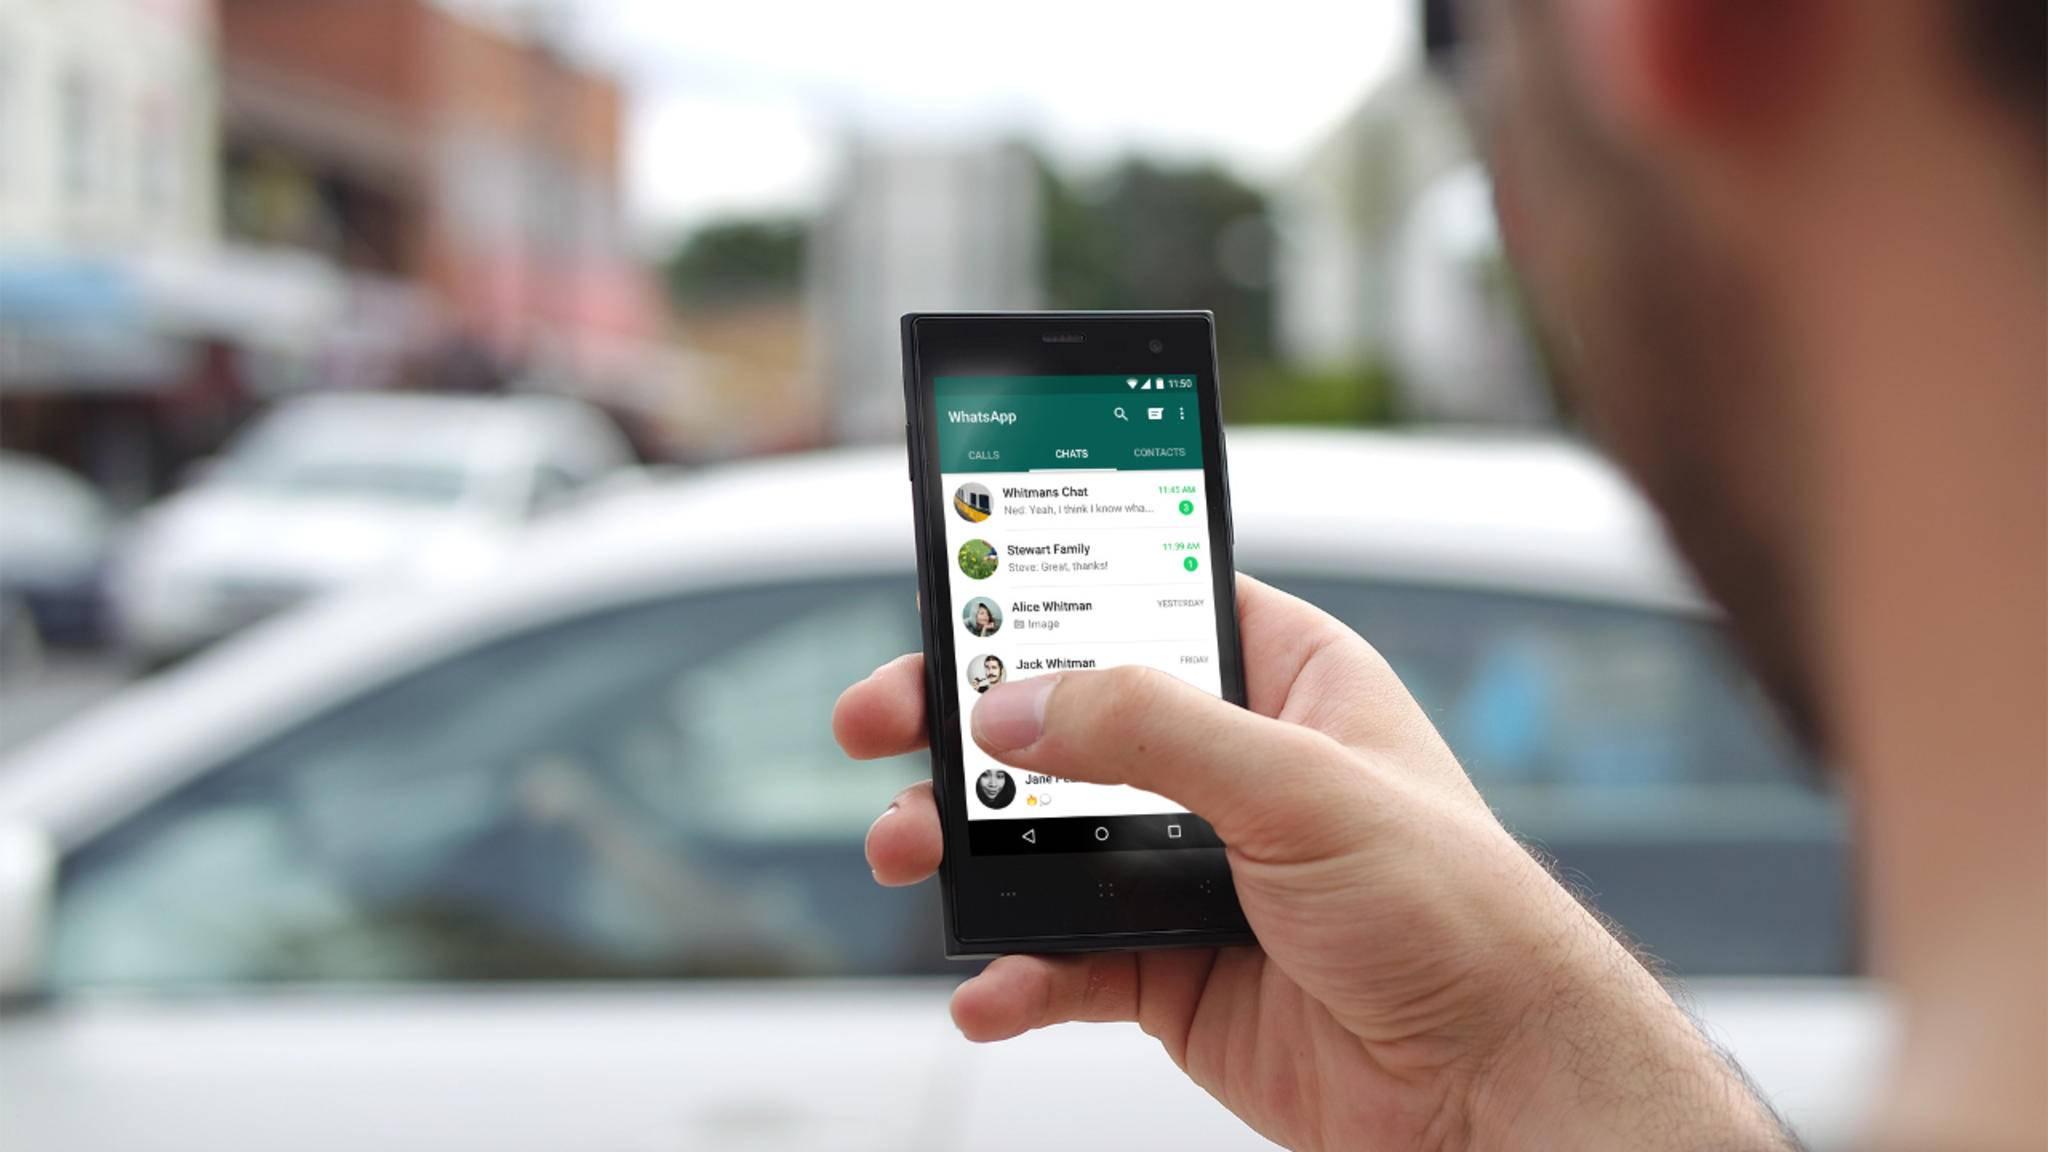 WhatsApp-Bilder lassen sich auf die SD-Karte verschieben – allerdings nur über einen Umweg.